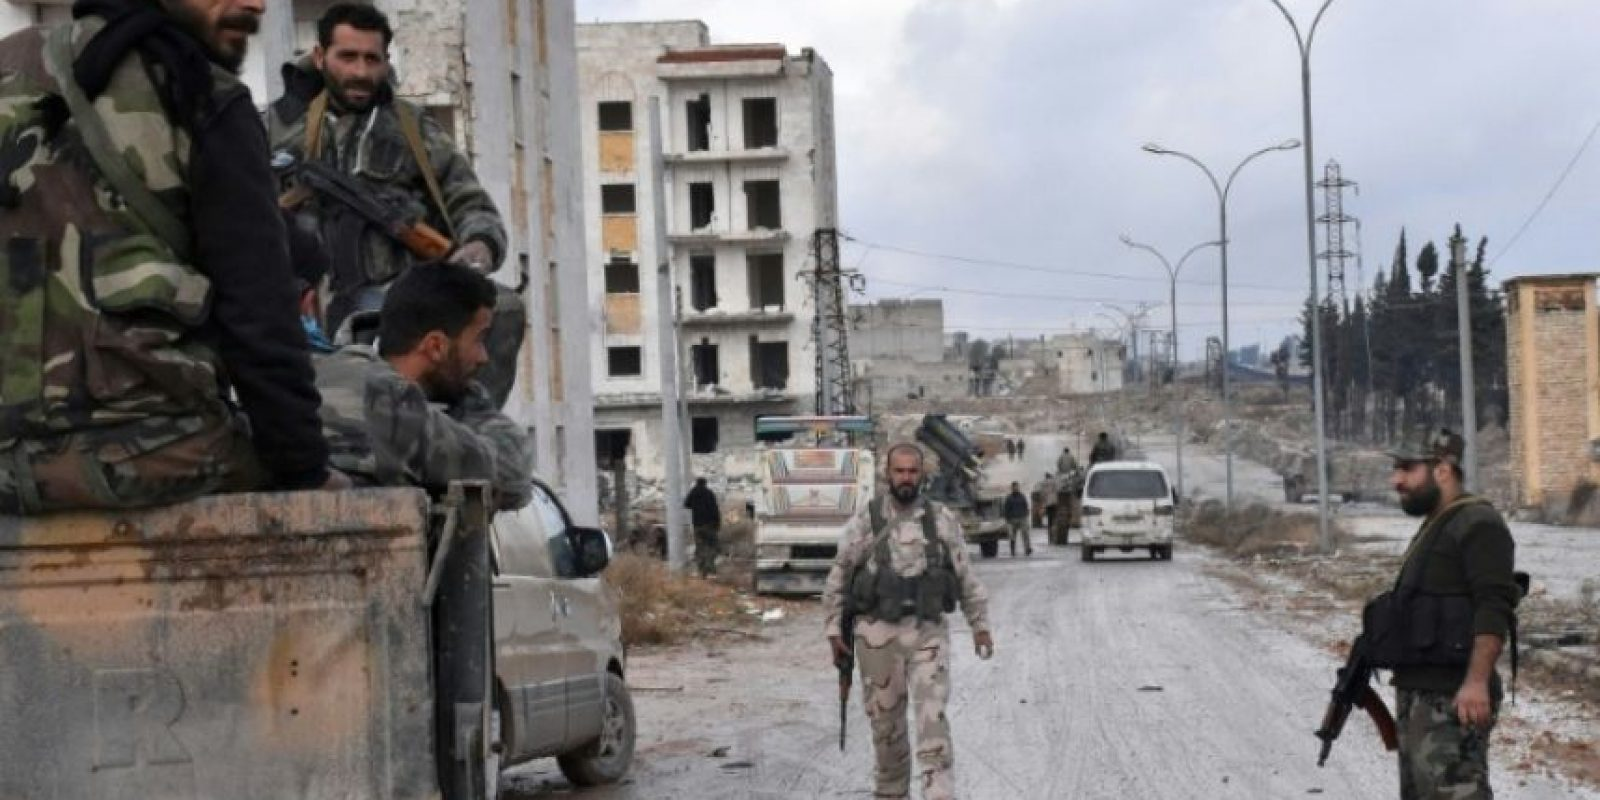 Las fuerzas progubernamentales sirias se instalan en el barrio de Sakan al Shababi, en el este de Alepo, el 2 de diciembre de 2016, tras haberle arrebatado el control a los rebeldes Foto:George Ourfalian/afp.com